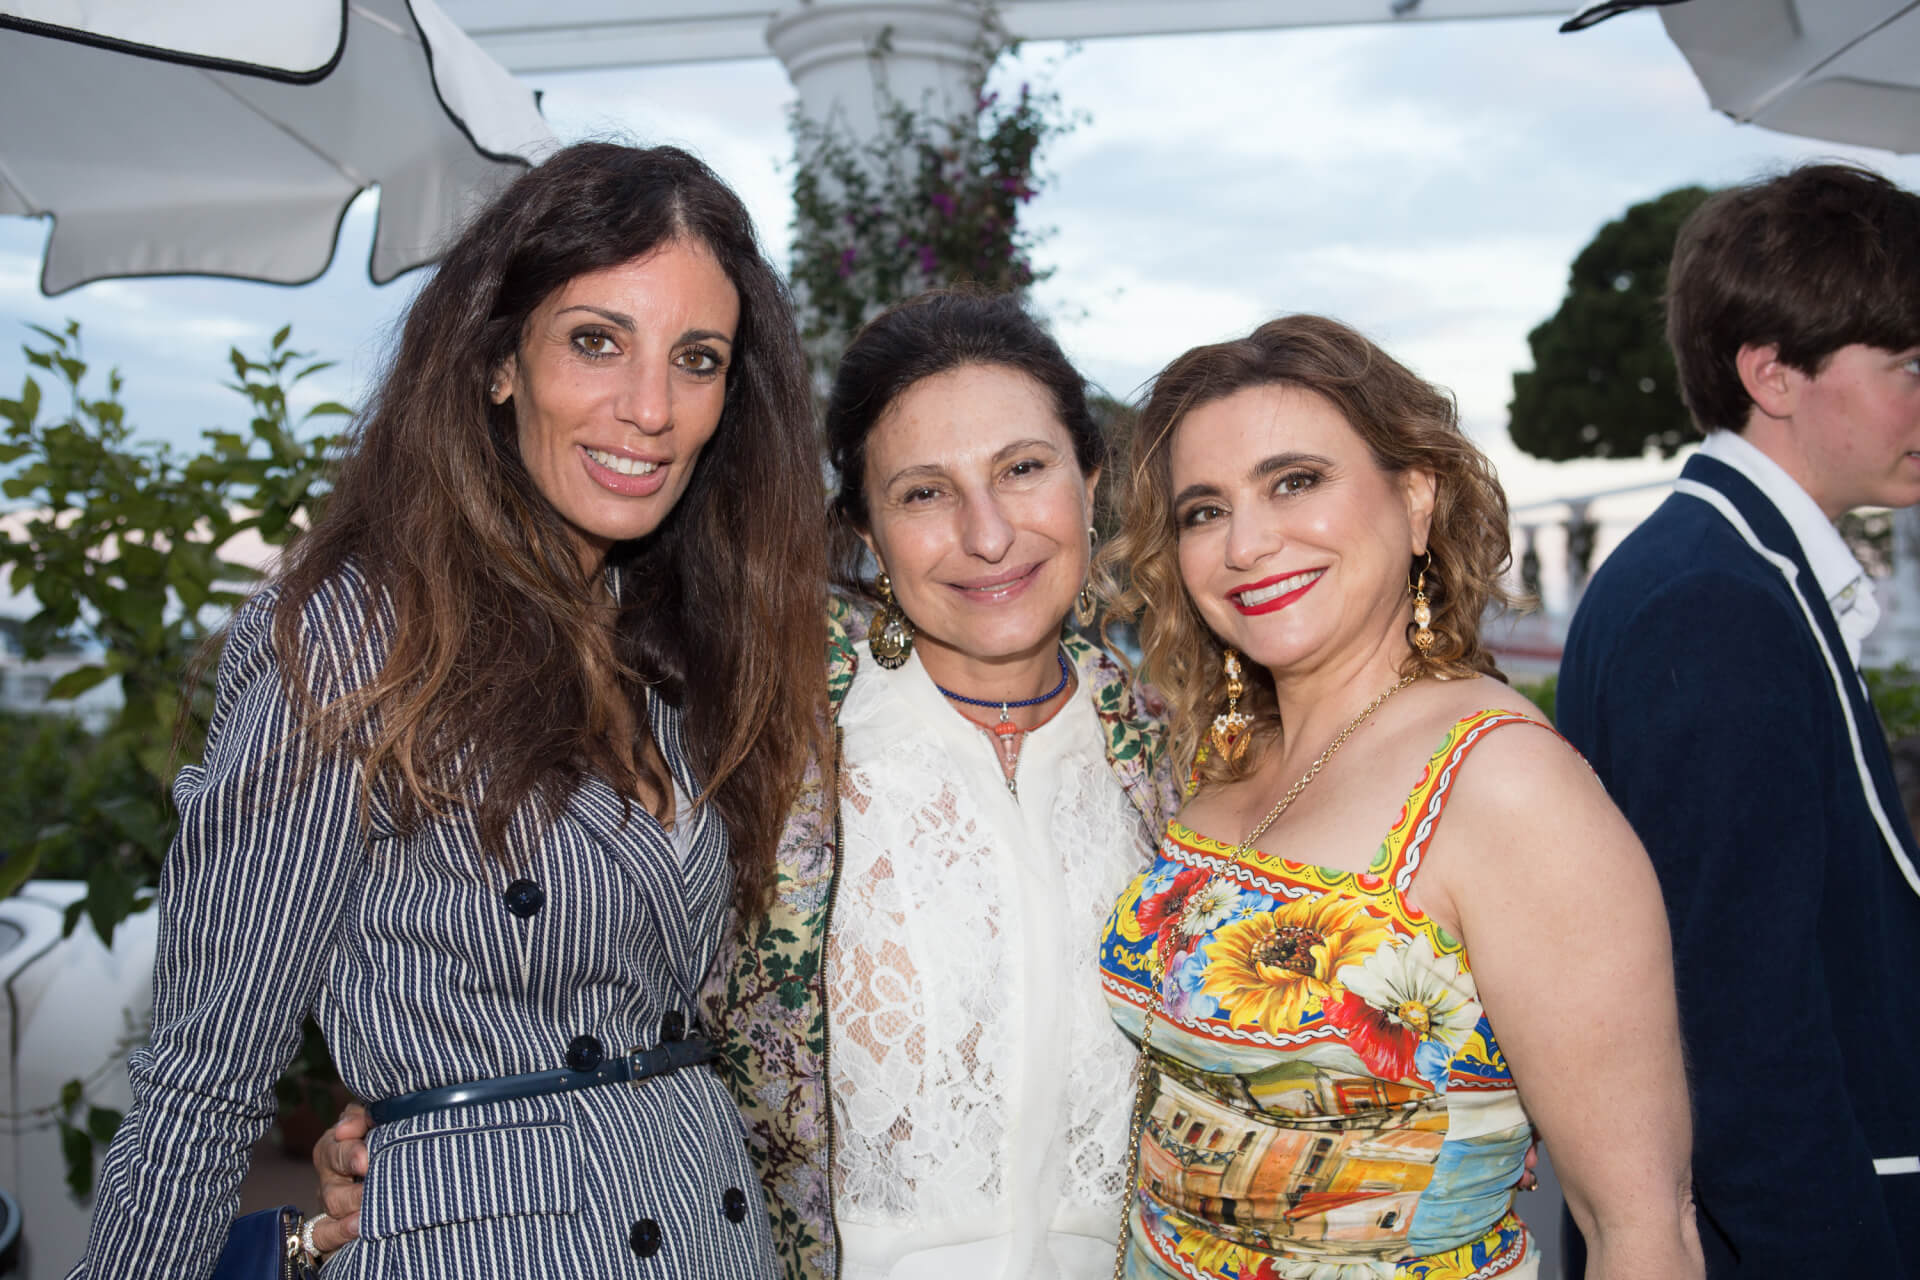 Carlotta Lana, Maria Elena Aprea, Carmen Daniele